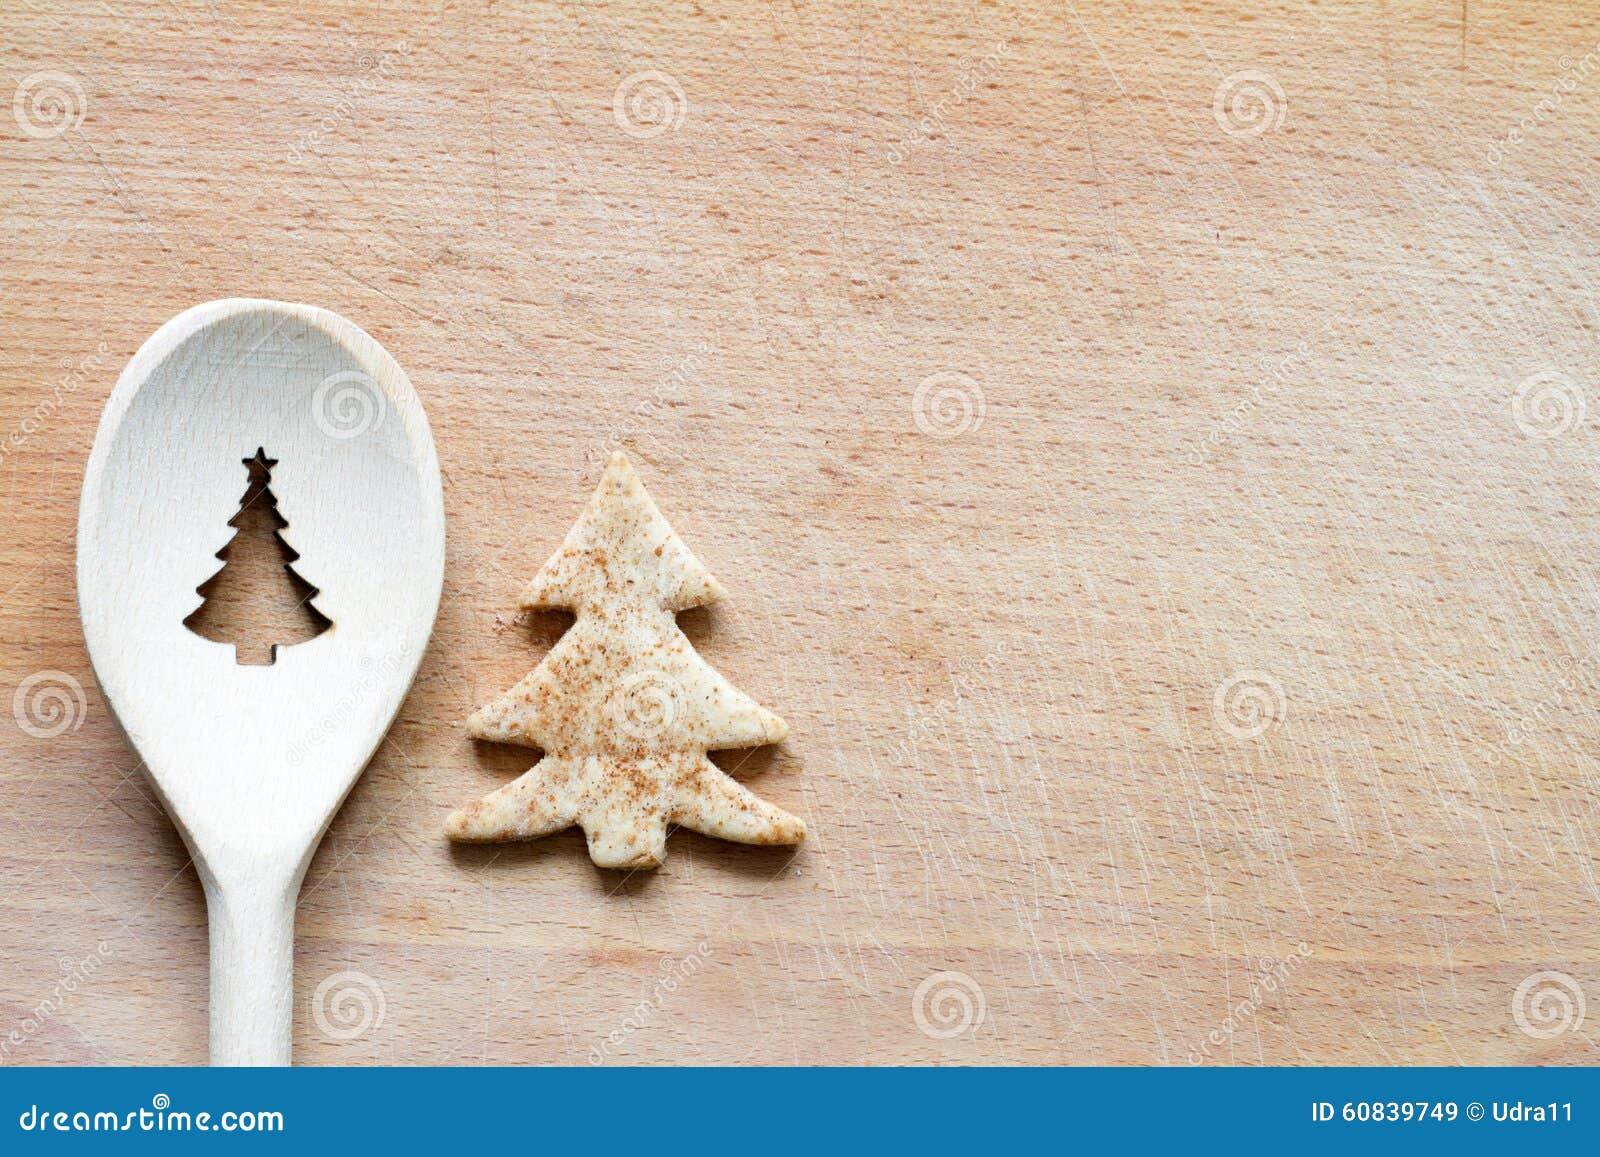 圣诞树标志摘要食物烘烤背景